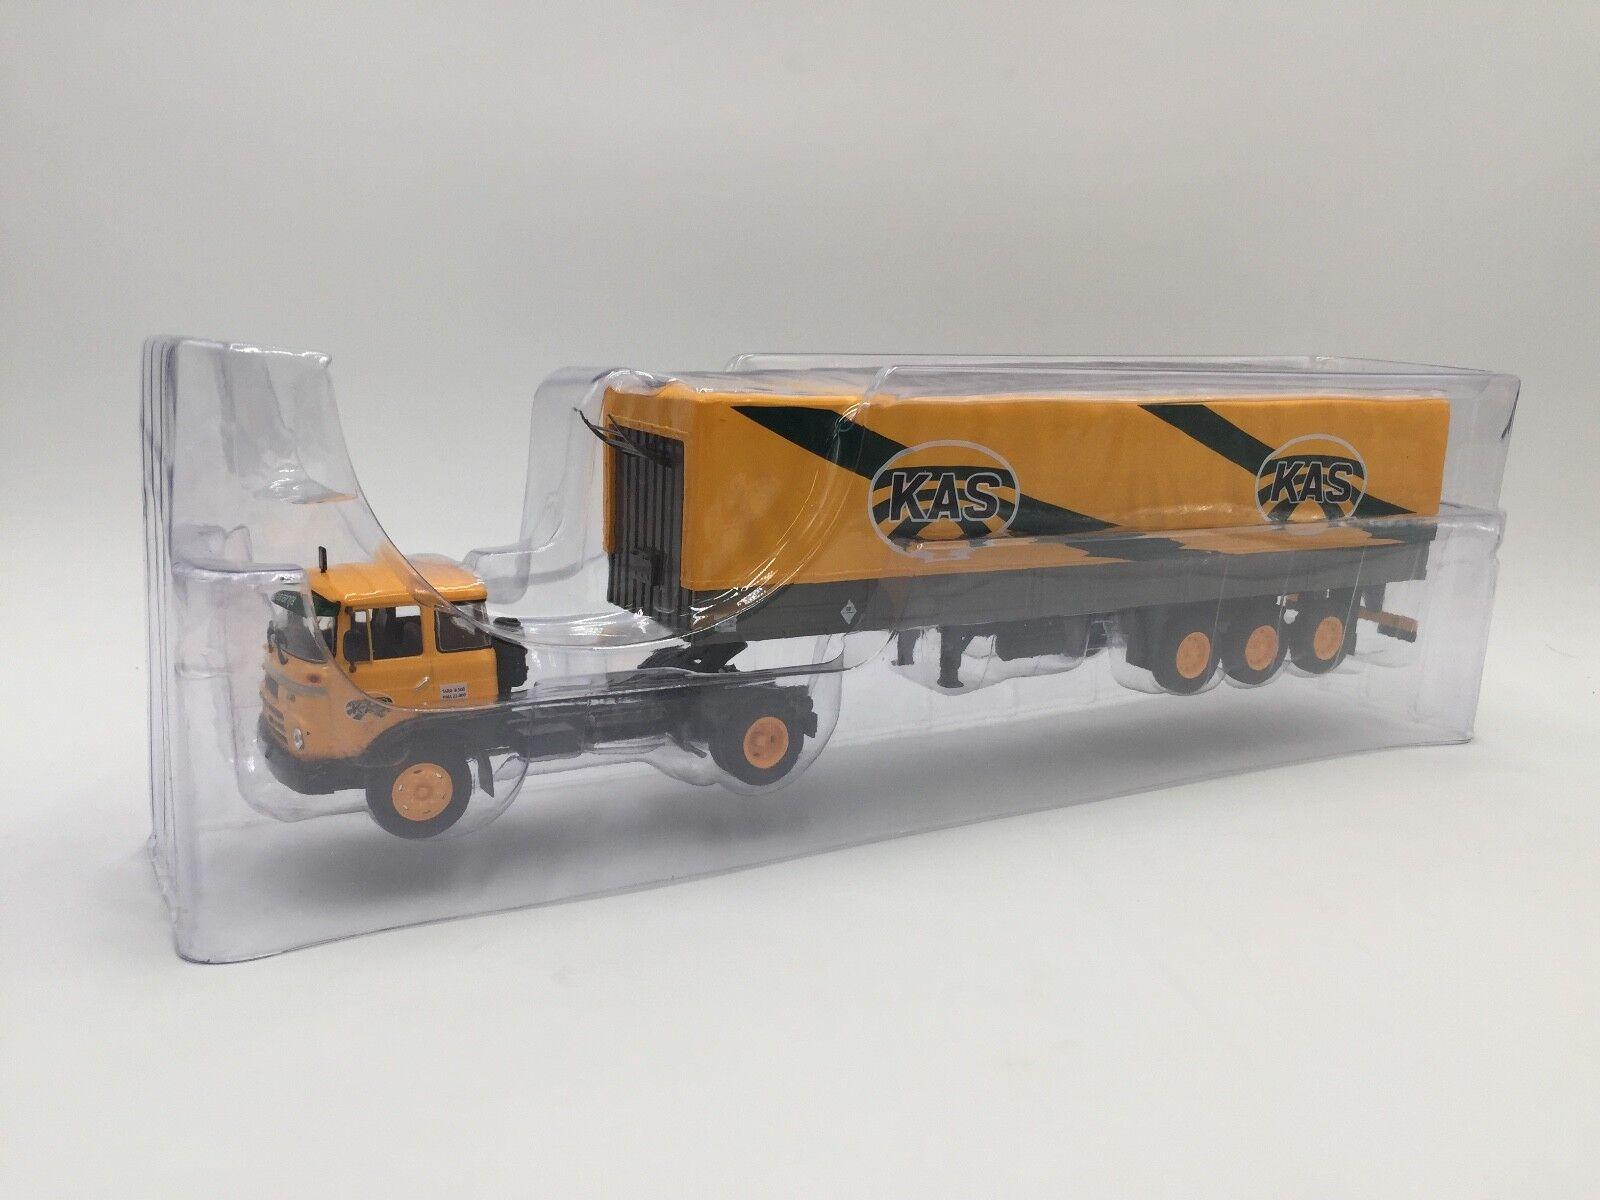 camion barreiros super azor kas 1965